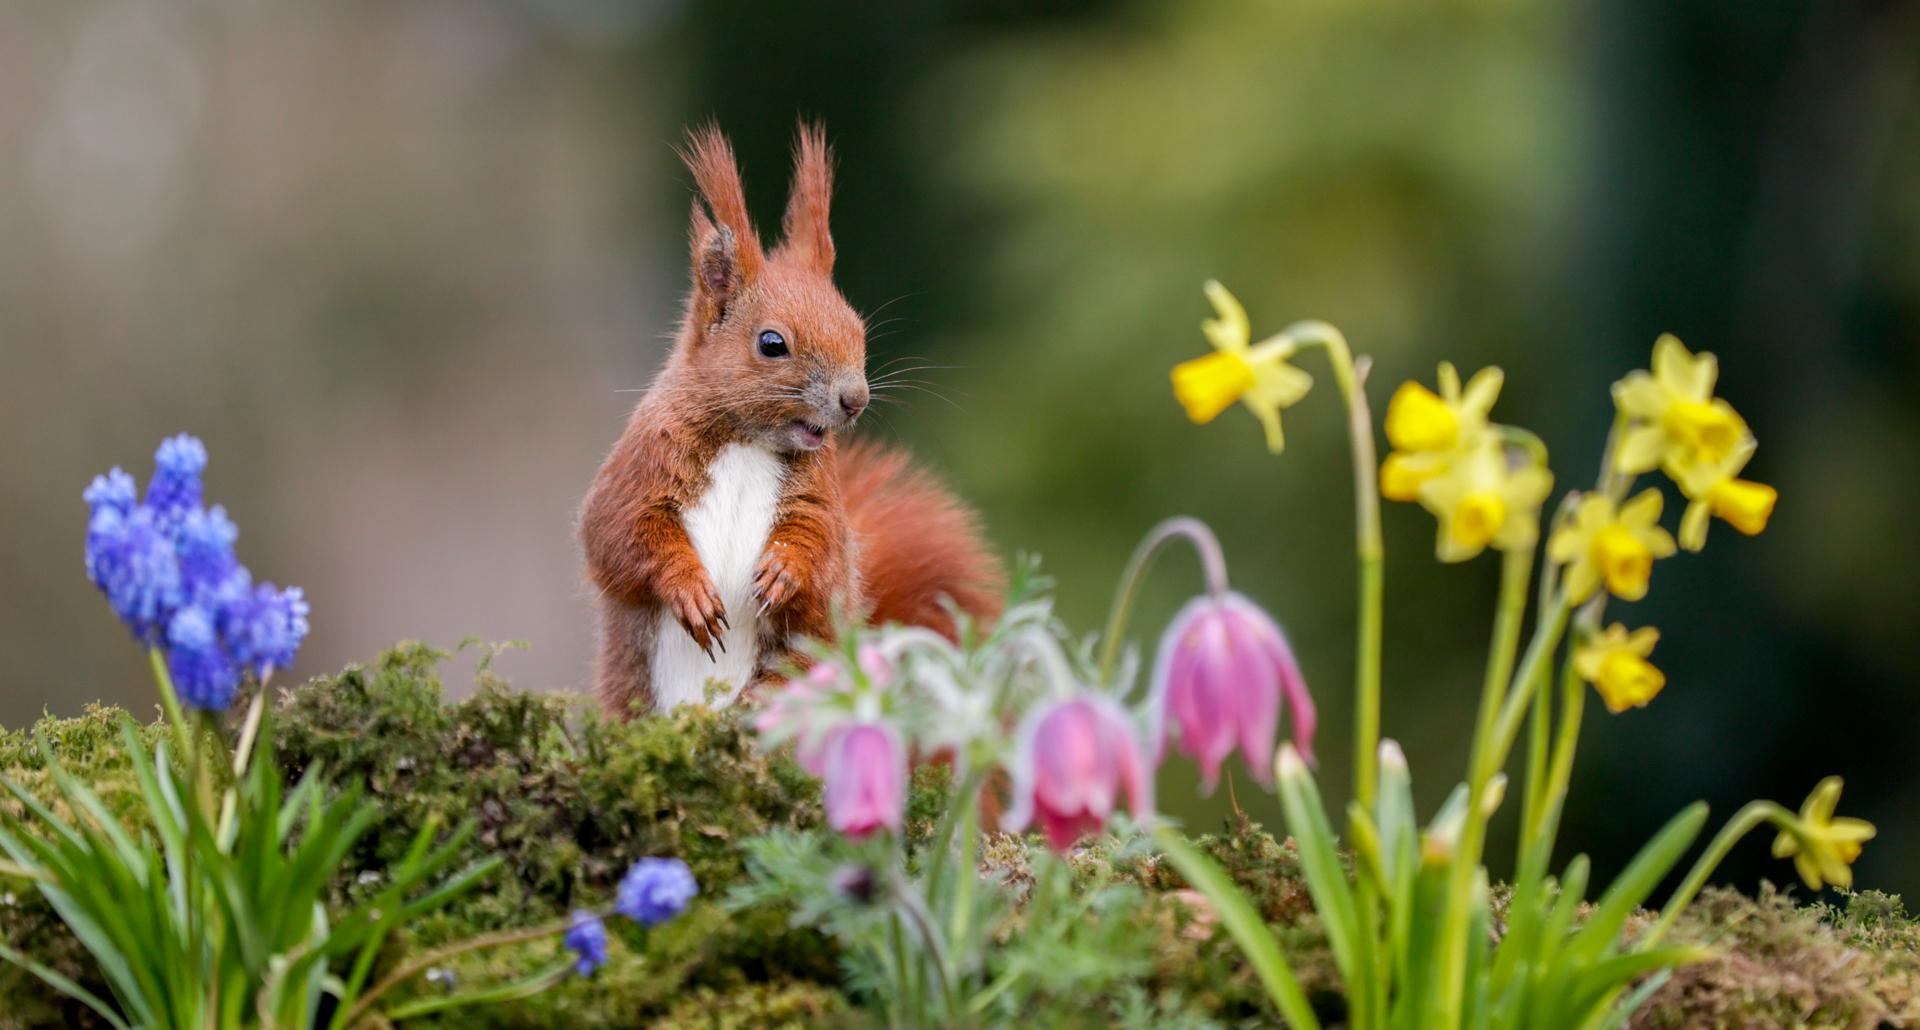 Mein kleiner Blumenfreund...